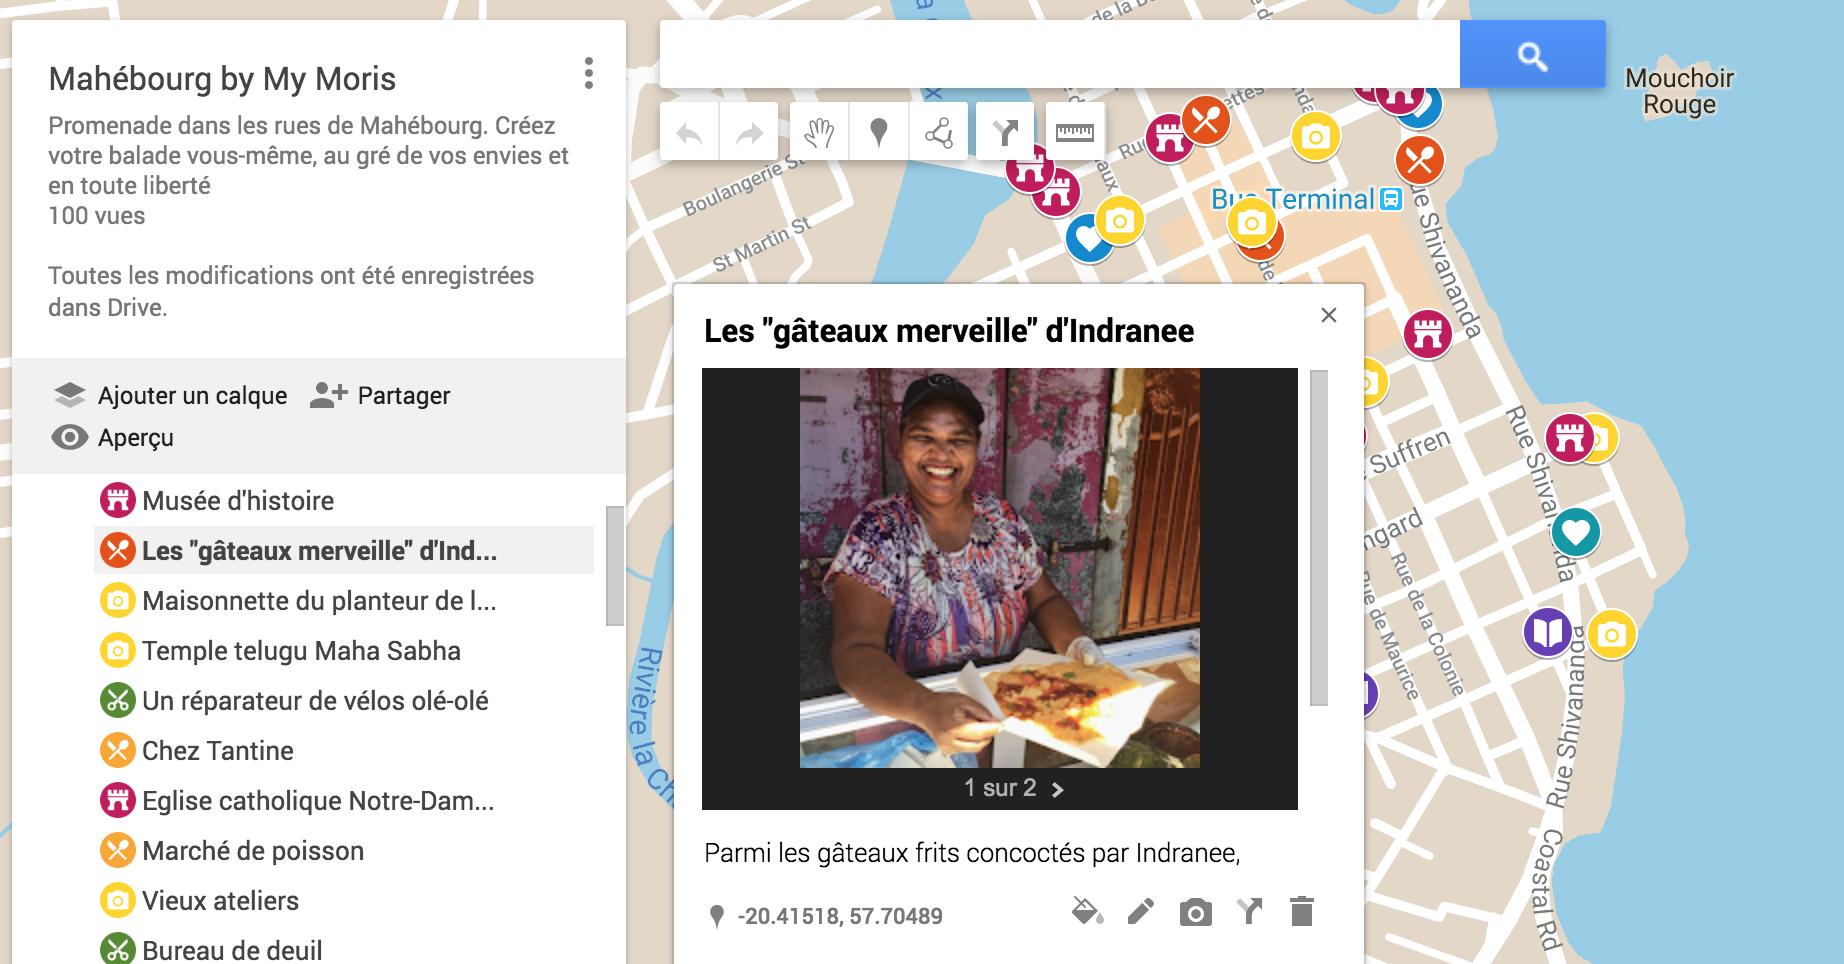 visite gratuite Mahebourg village histoire street food patrimoine